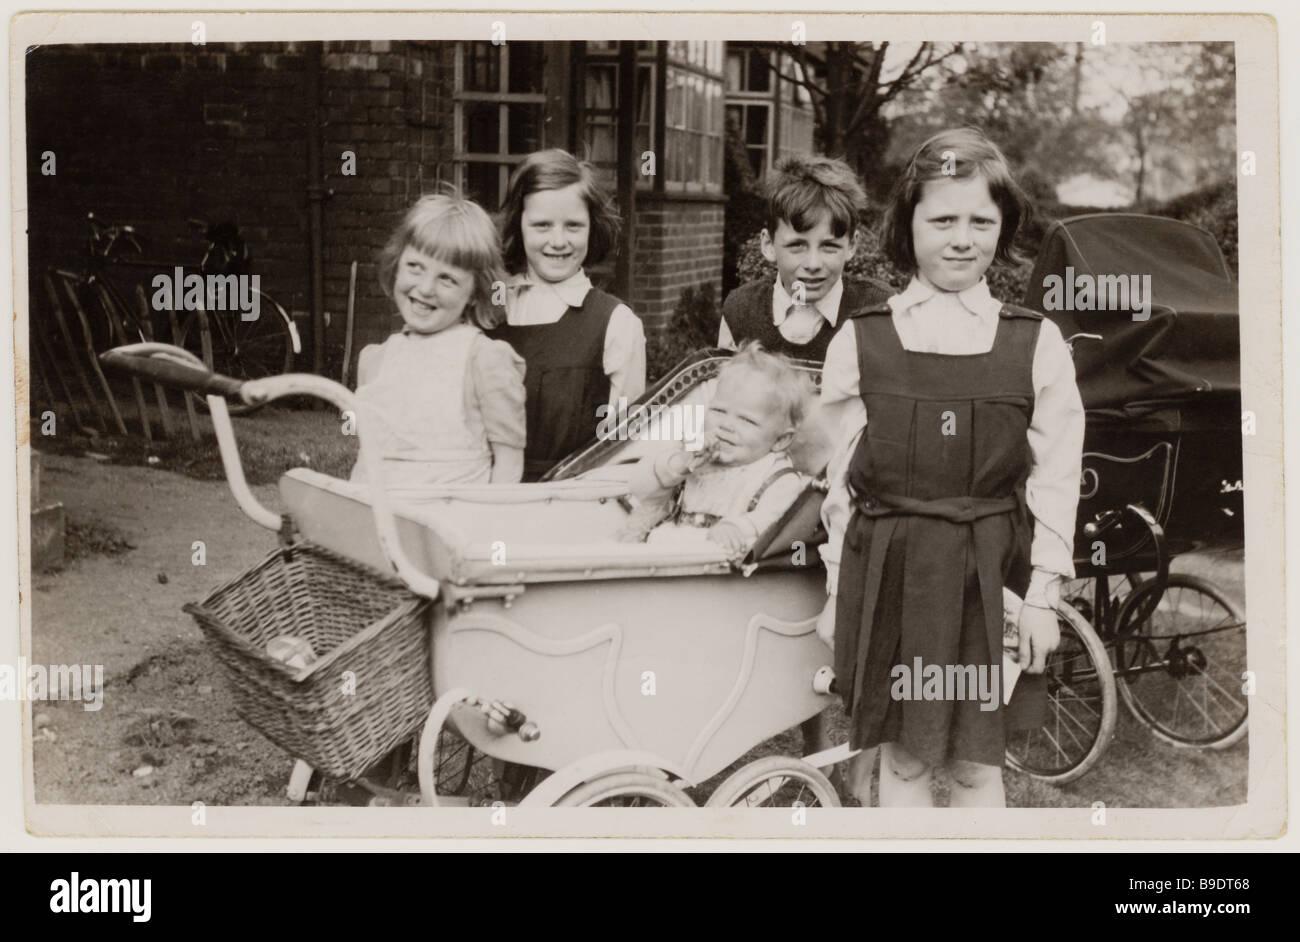 Chauds les jeunes enfants avec poussettes à la recherche après un bébé à l'extérieur Photo Stock